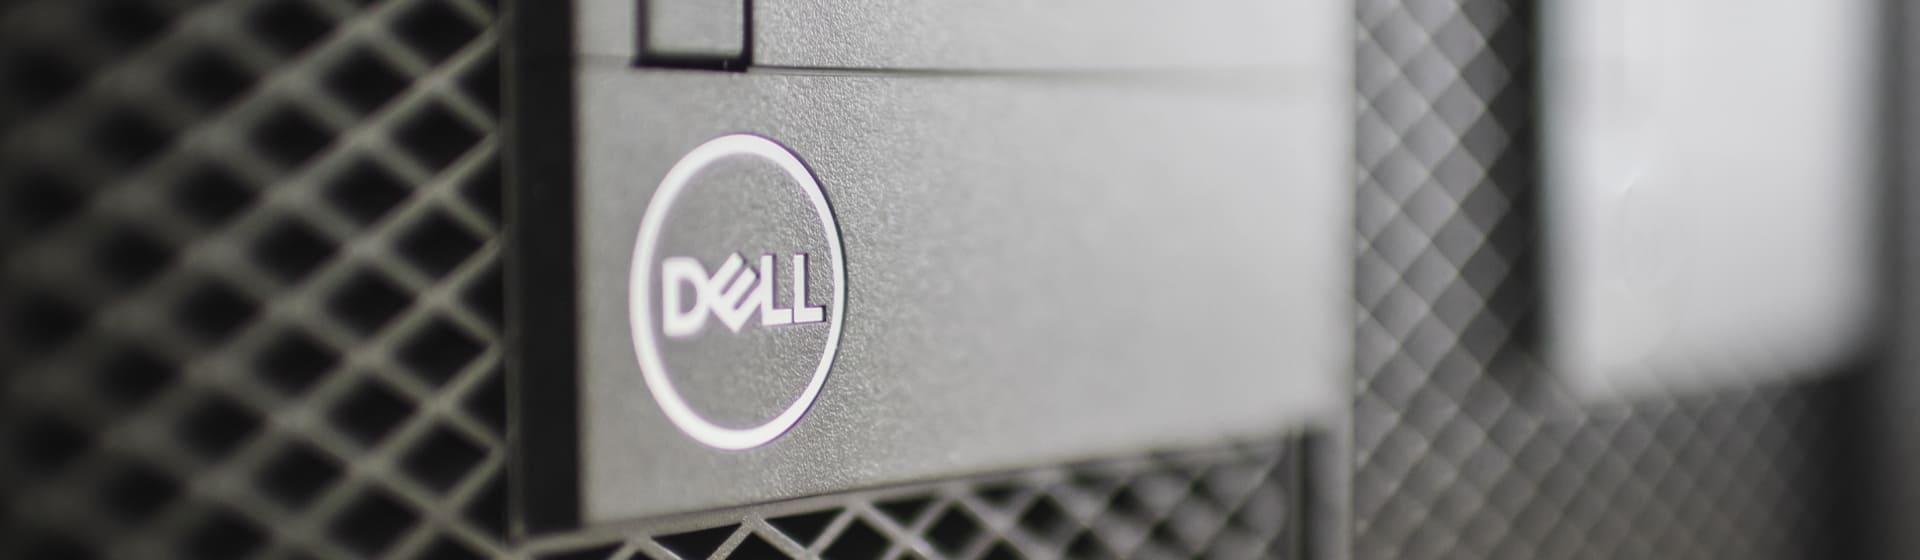 Melhor computador Dell de 2021: 8 modelos de básicos a potentes